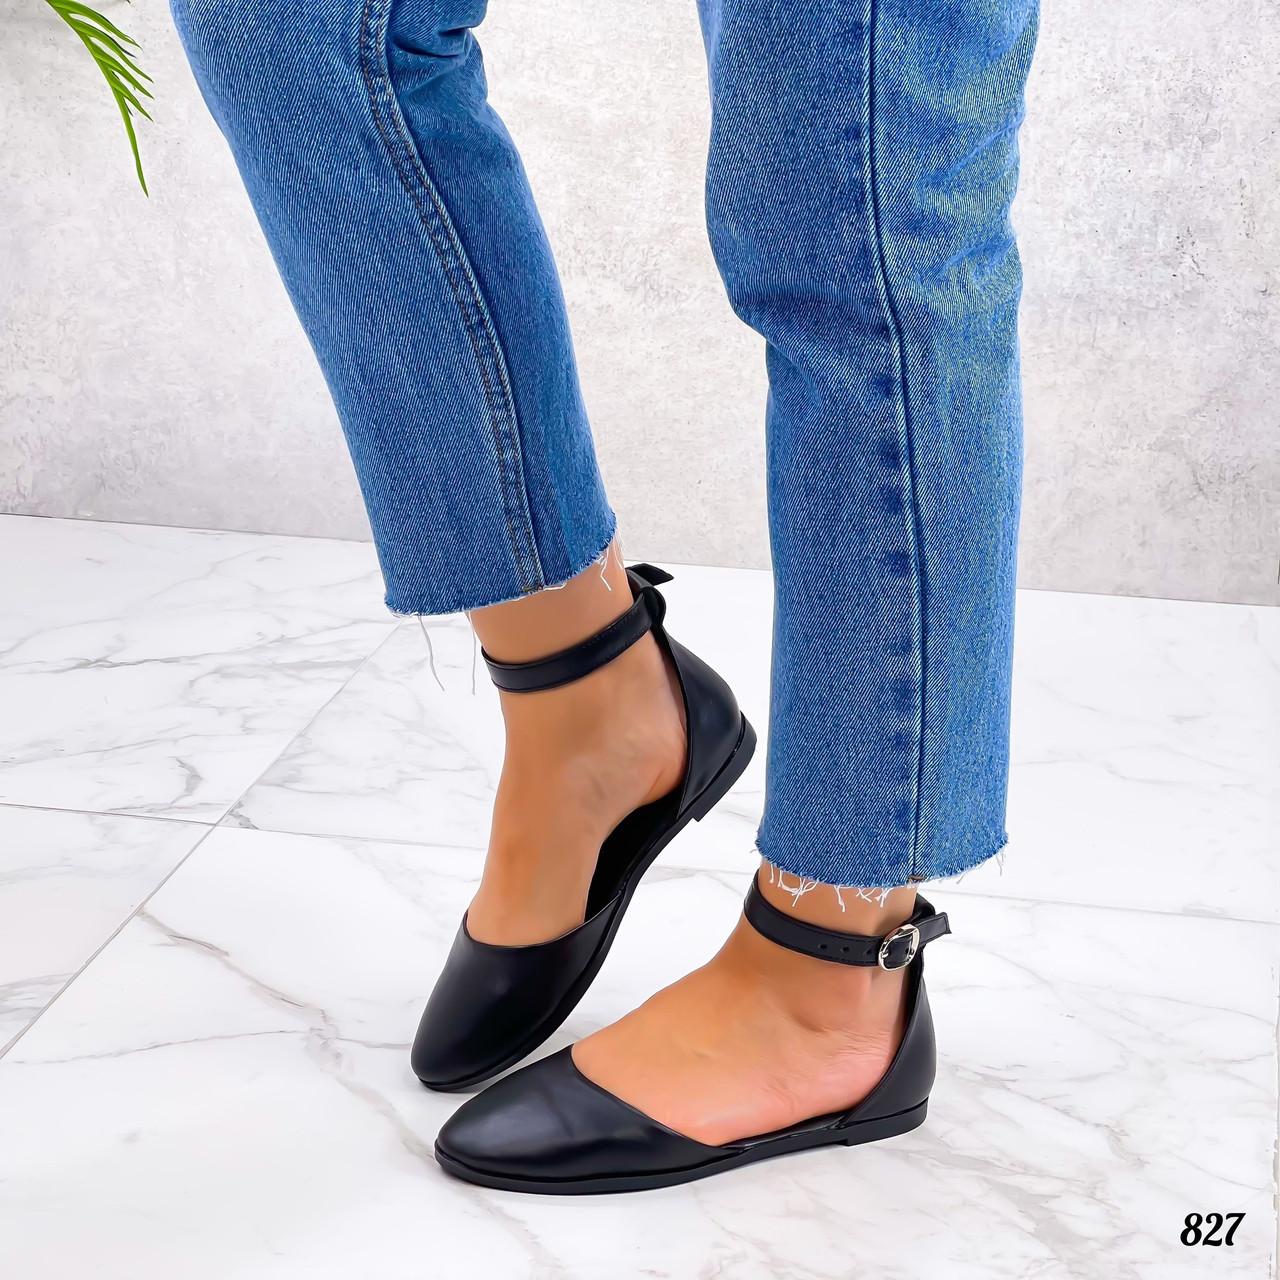 Жіночі шкіряні відкриті туфлі на низькому ходу 36-40 р чорний